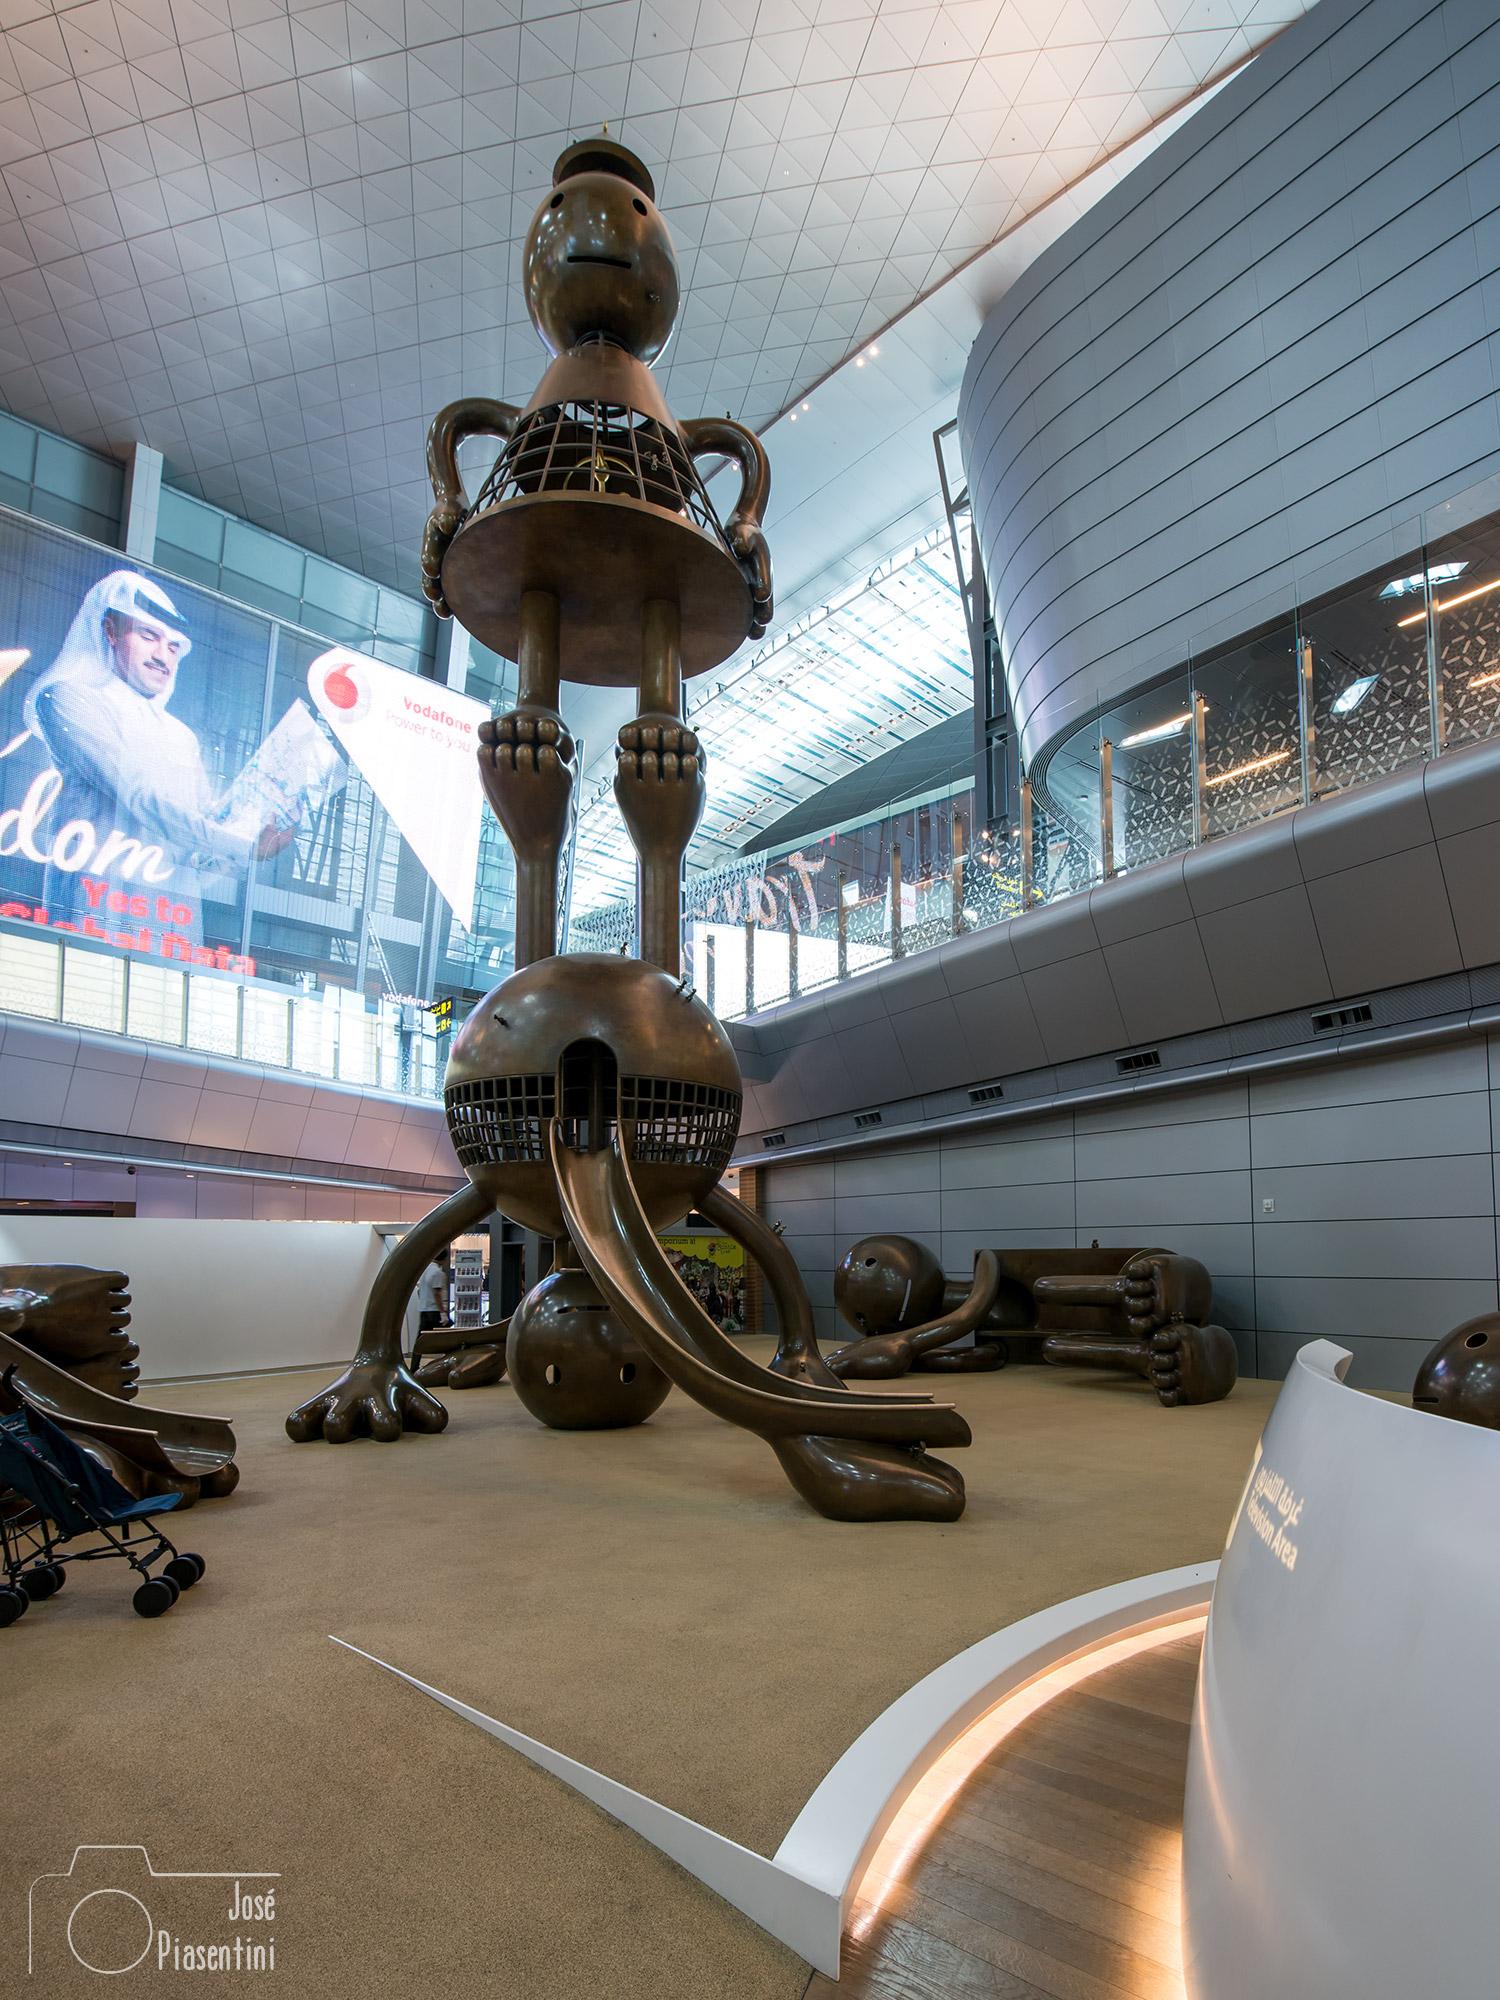 Aeropuerto Internacional de Hamad in Qatar